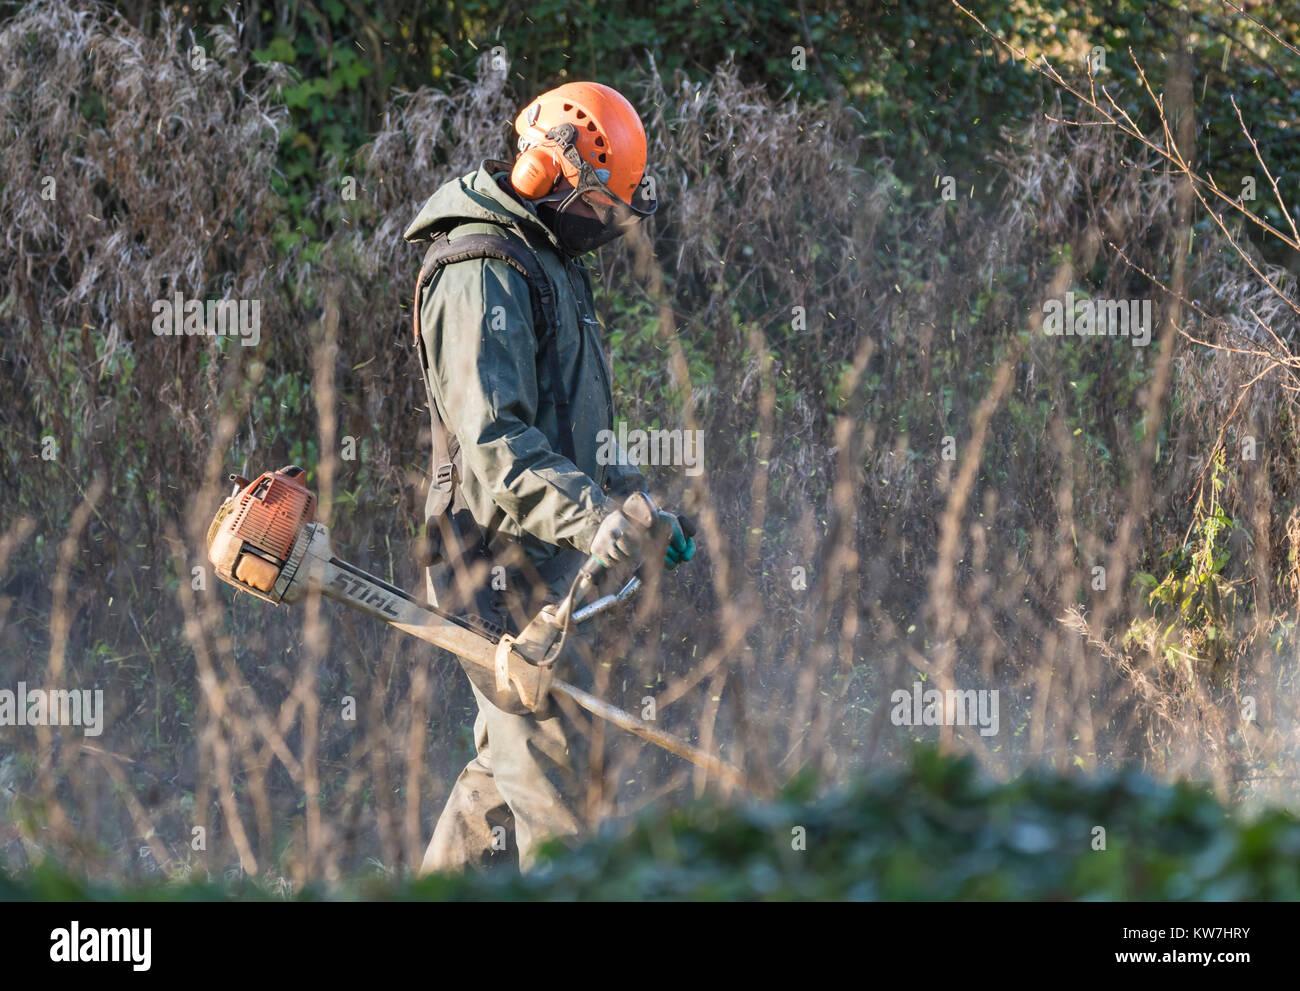 Uomo che utilizza un alimentata a benzina STIHL Brushcutter in inverno, indossare indumenti di protezione, casco Immagini Stock